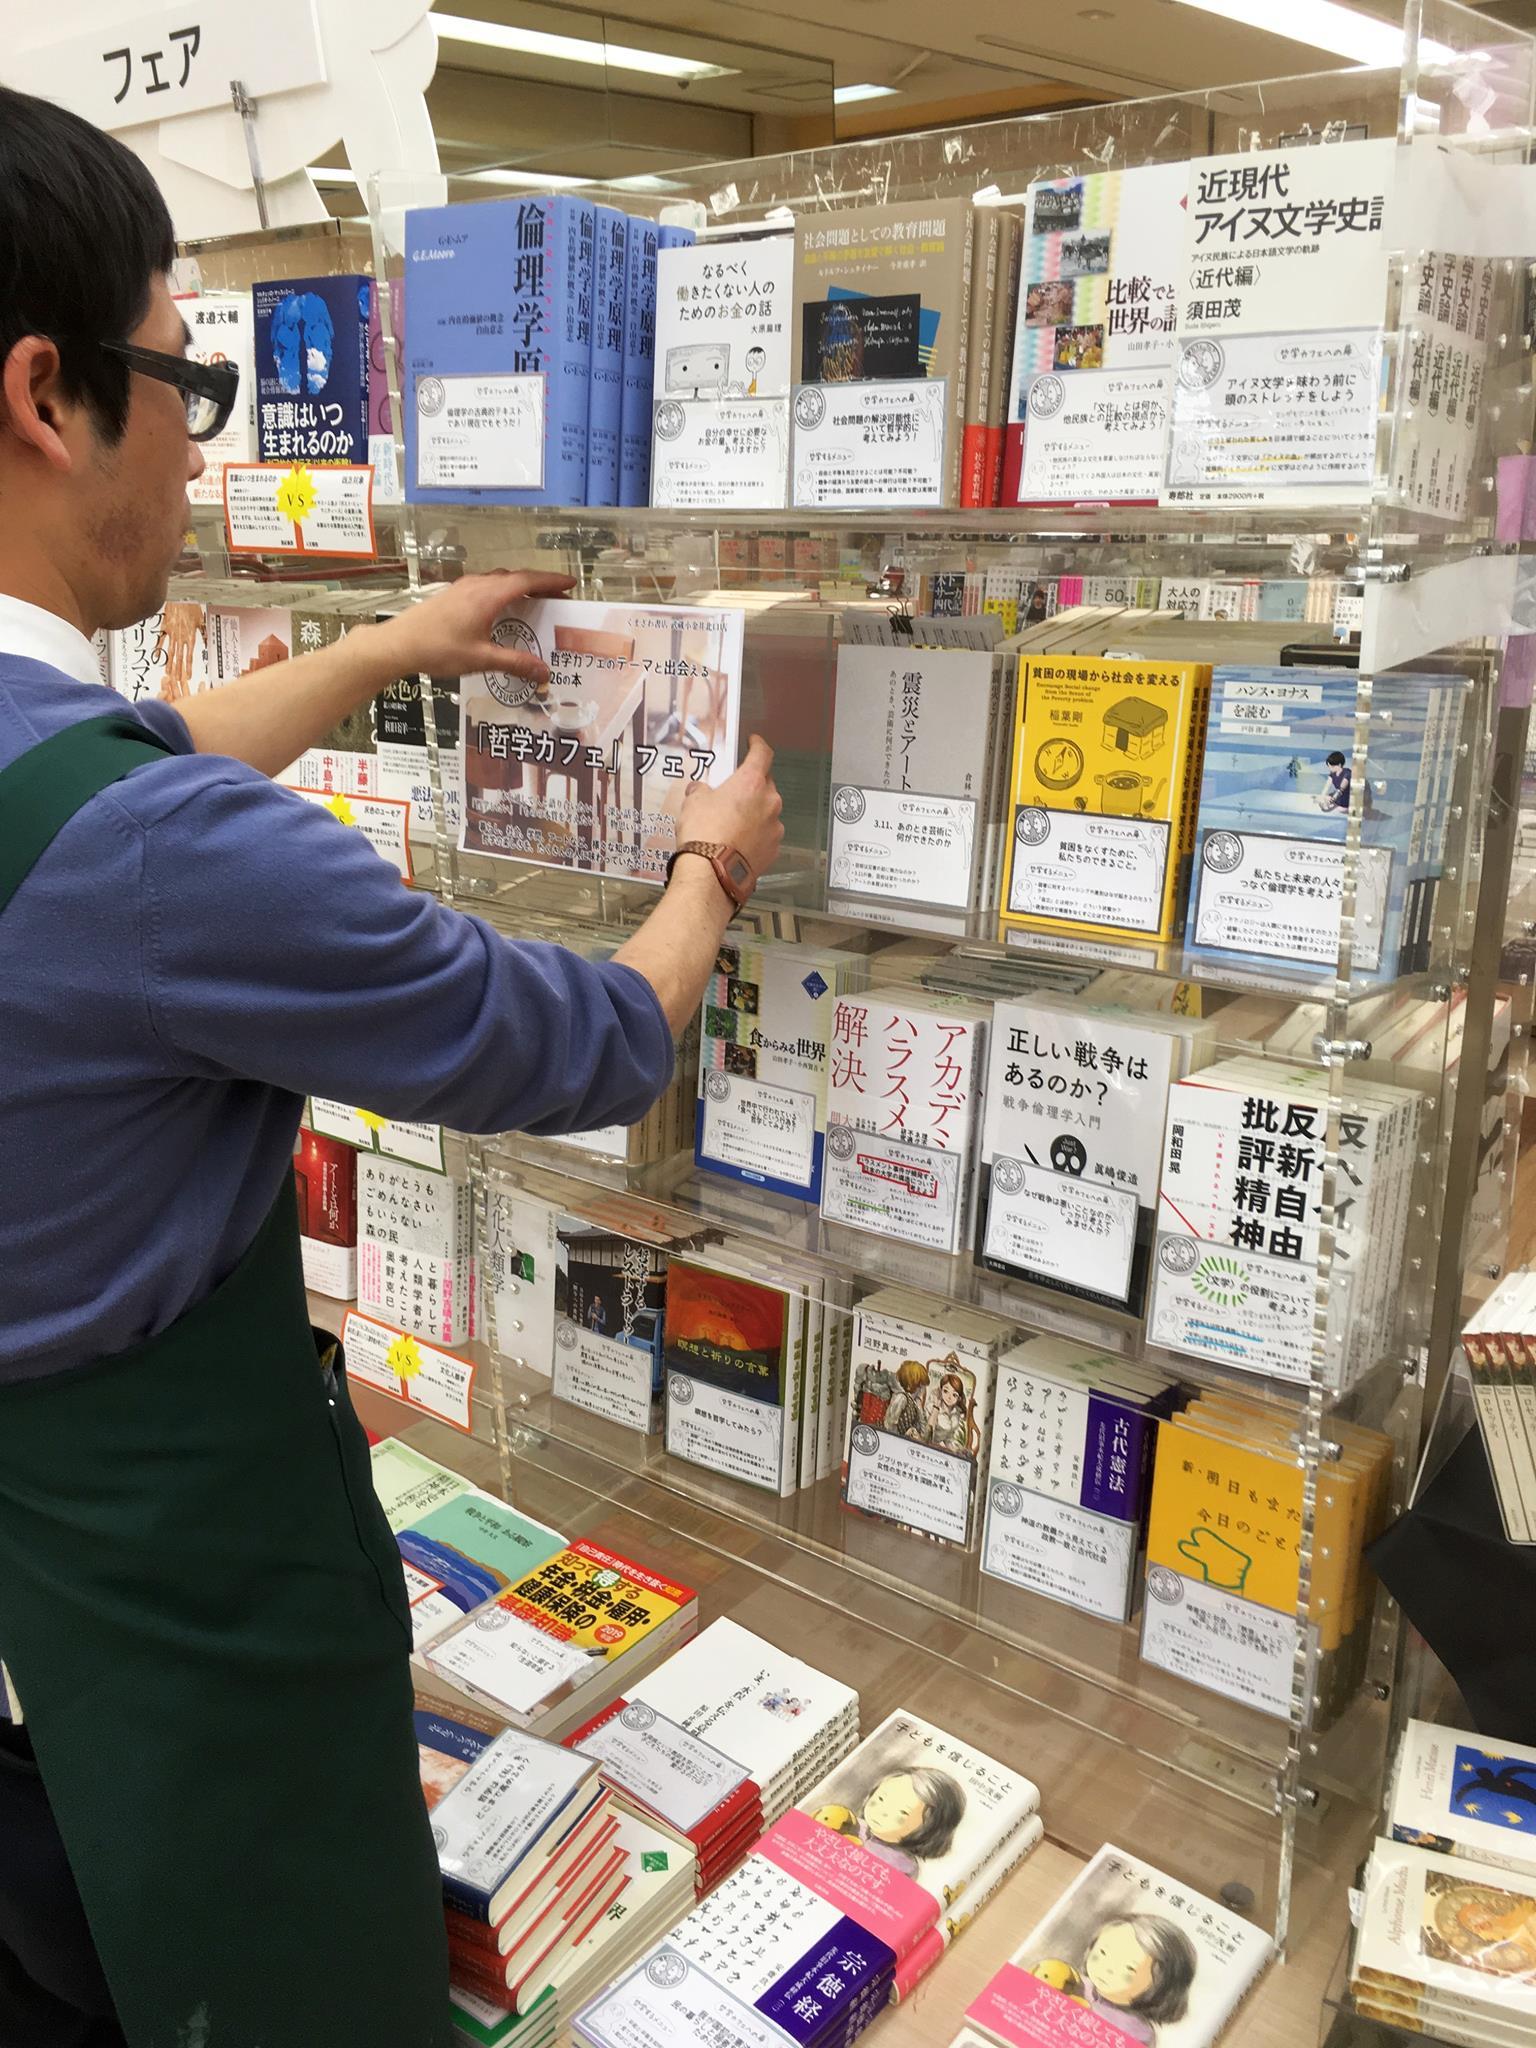 くまざわ書店 武蔵小金井北口店ブックフェア『哲学カフェのテーマと出会える26の本』第4回